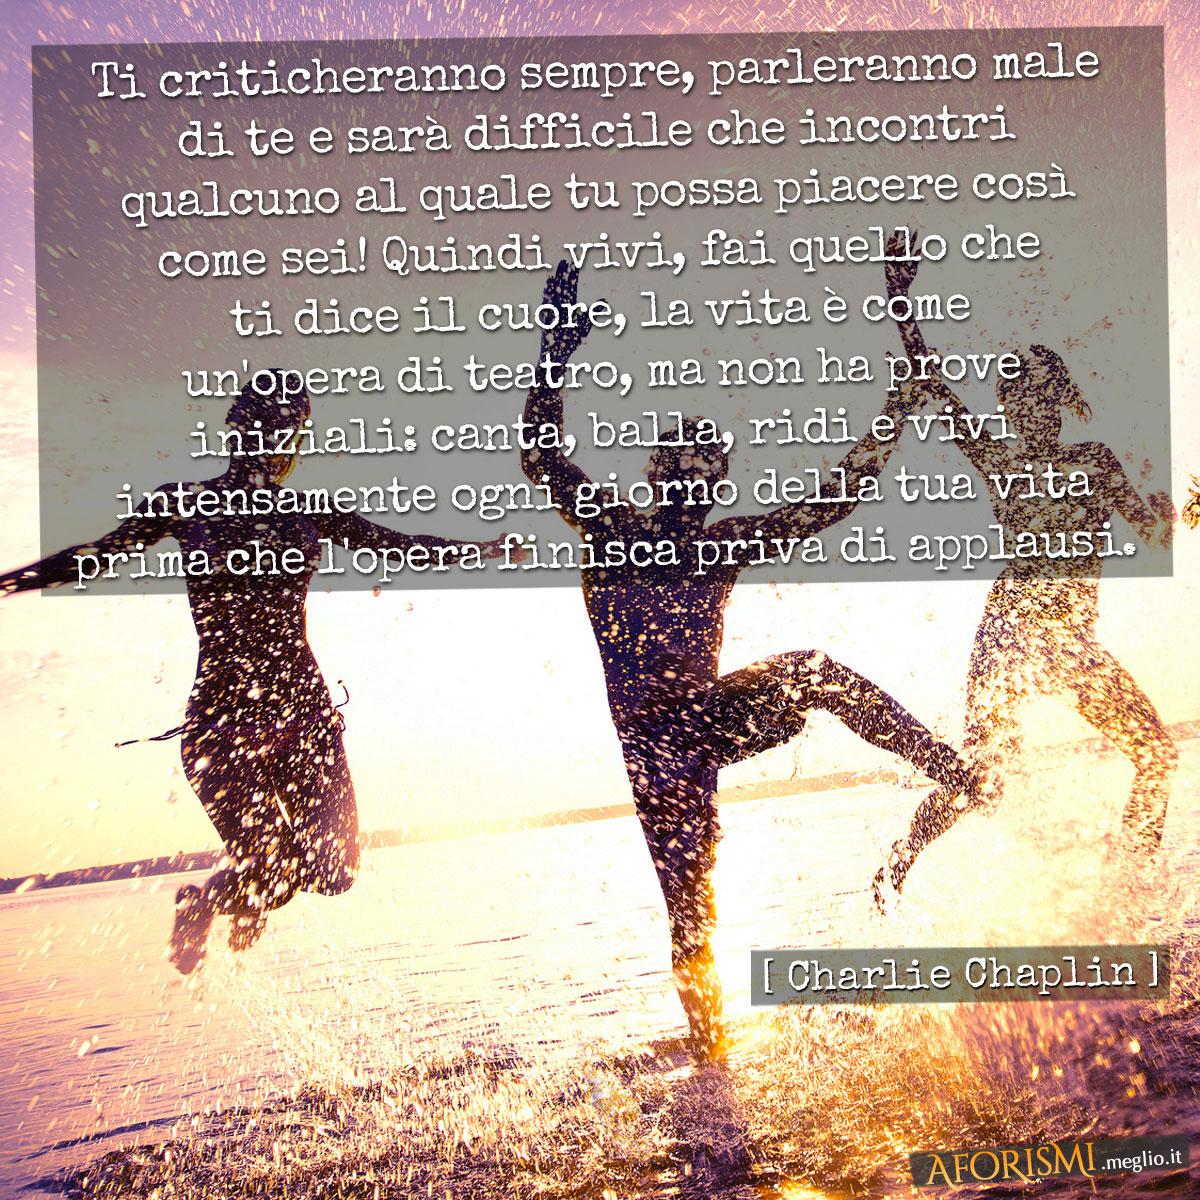 Ti criticheranno sempre, parleranno male di te e sarà difficile che incontri qualcuno al quale tu possa piacere così come sei! Quindi vivi, fai quello che ti dice il cuore, la vita è come un'opera di teatro, ma non ha prove iniziali: canta, balla, ridi e vivi intensamente ogni giorno della tua vita prima che l'opera finisca priva di applausi.